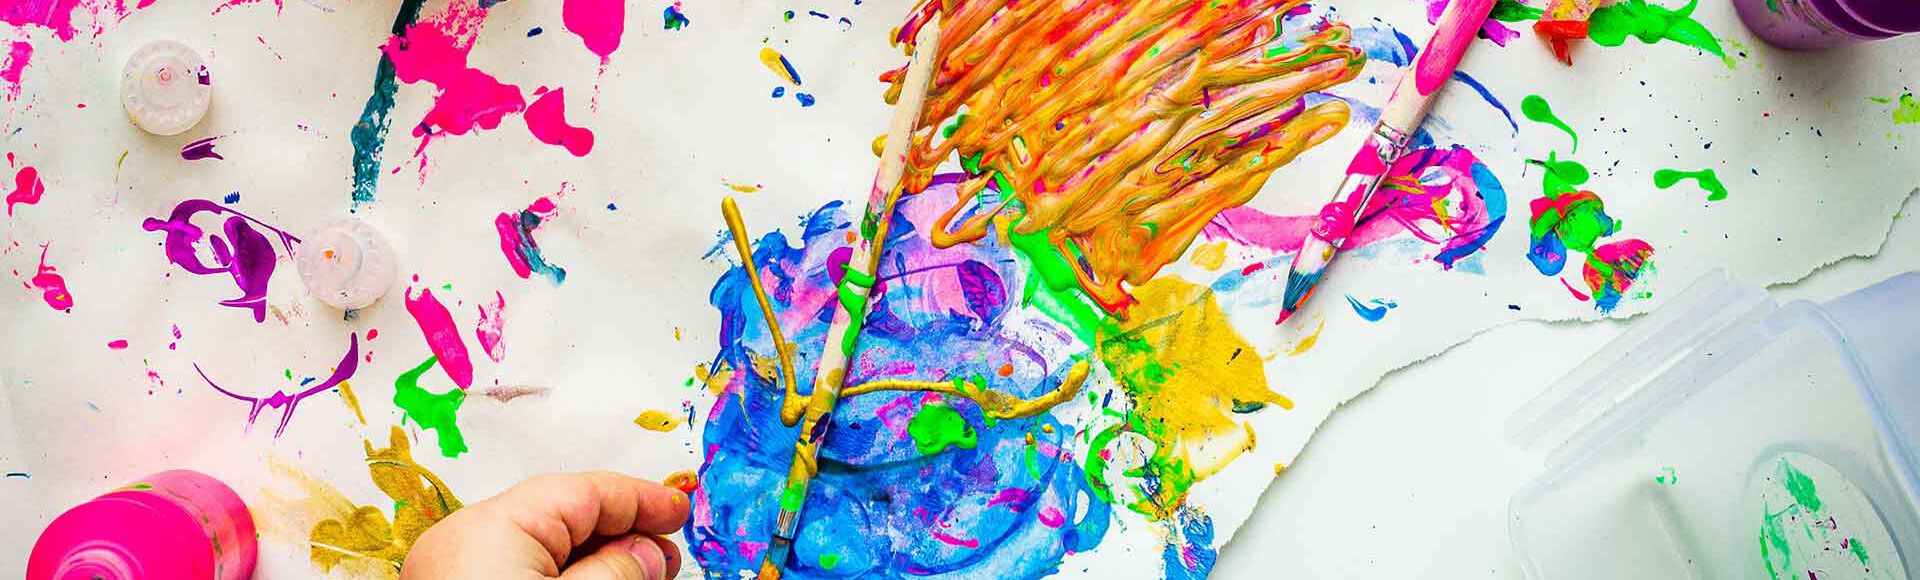 Beneficios del arte en los niños